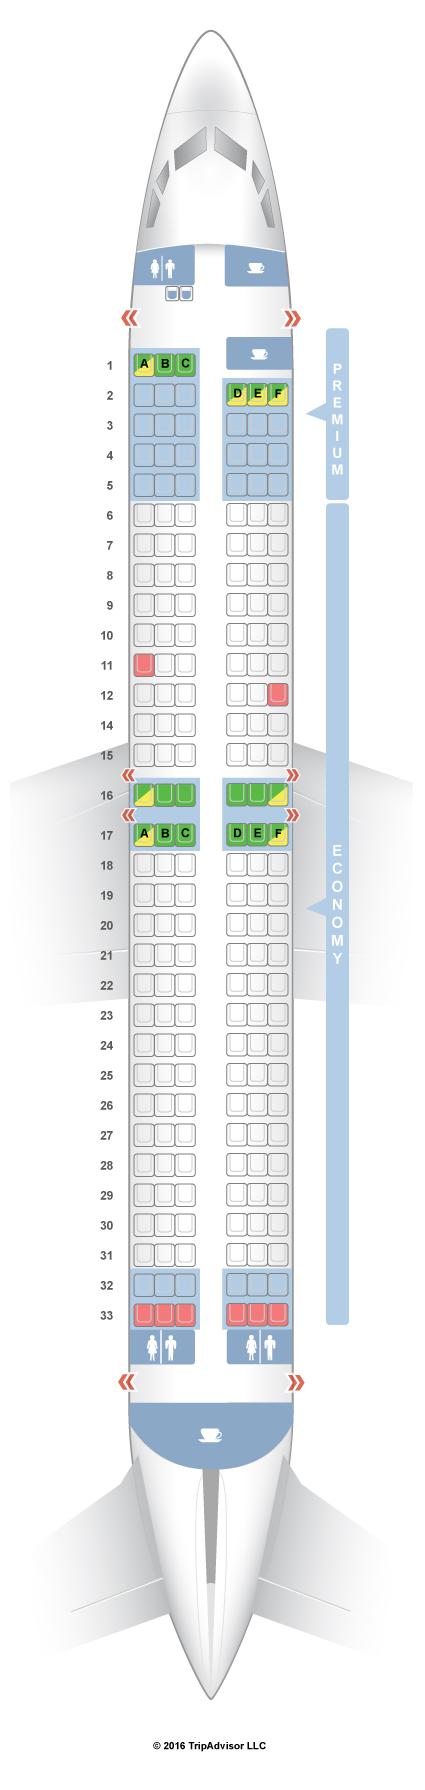 Seatguru Seat Map Ryanair Boeing 737 800 738 Trip In 2019